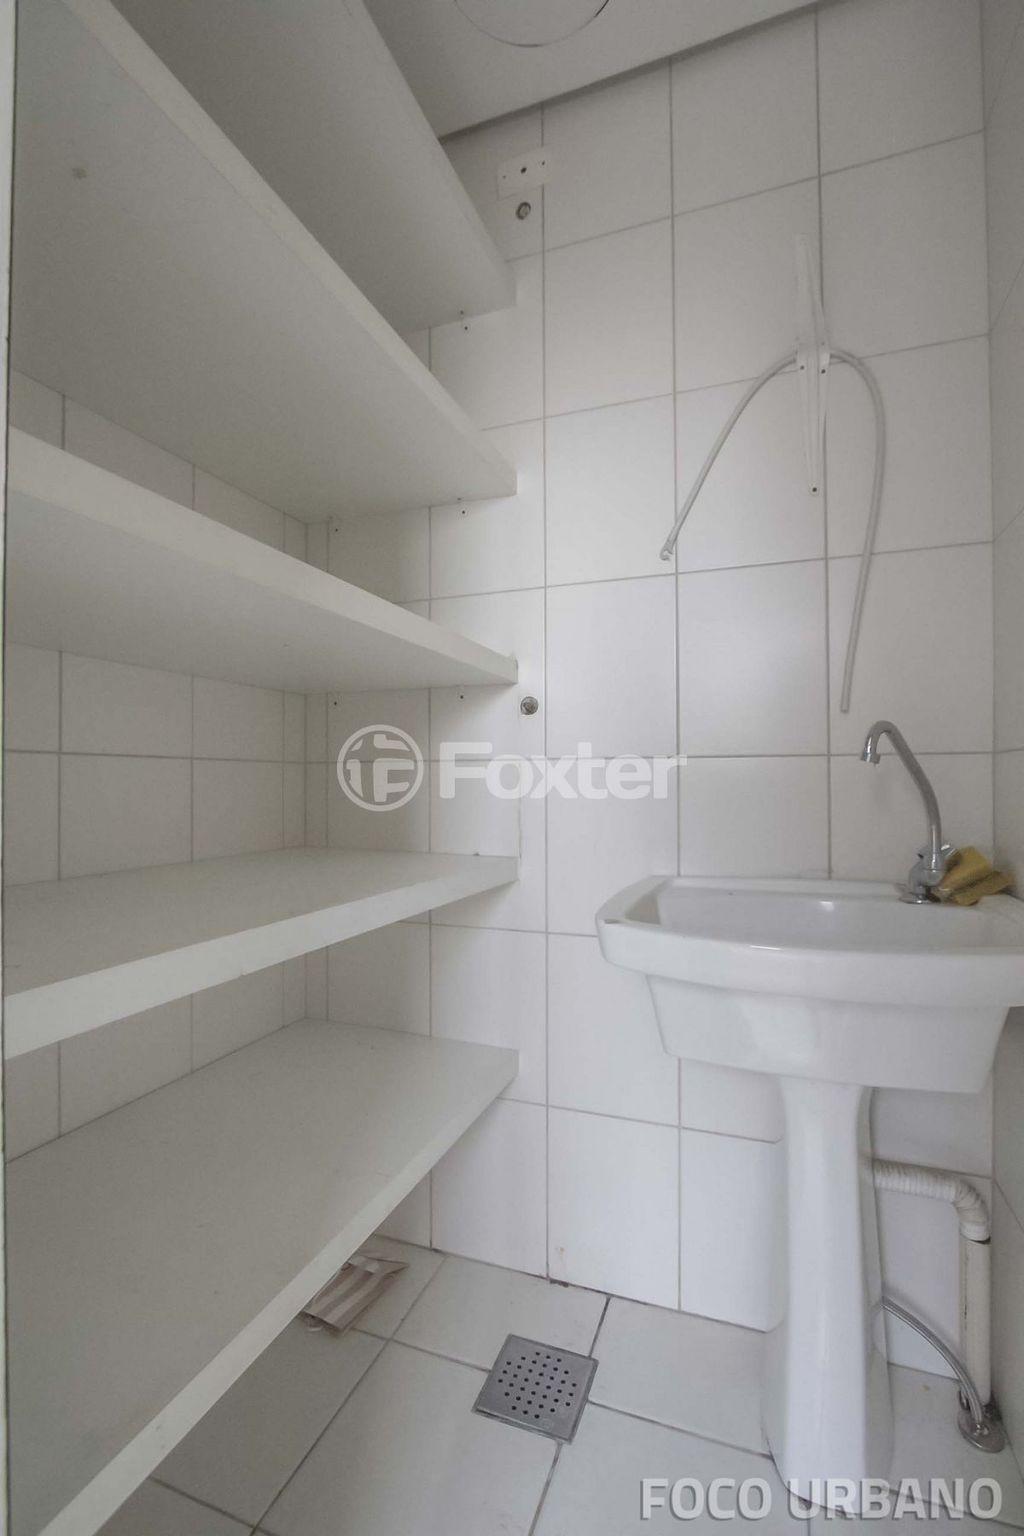 Apto 3 Dorm, Bela Vista, Porto Alegre (130456) - Foto 19